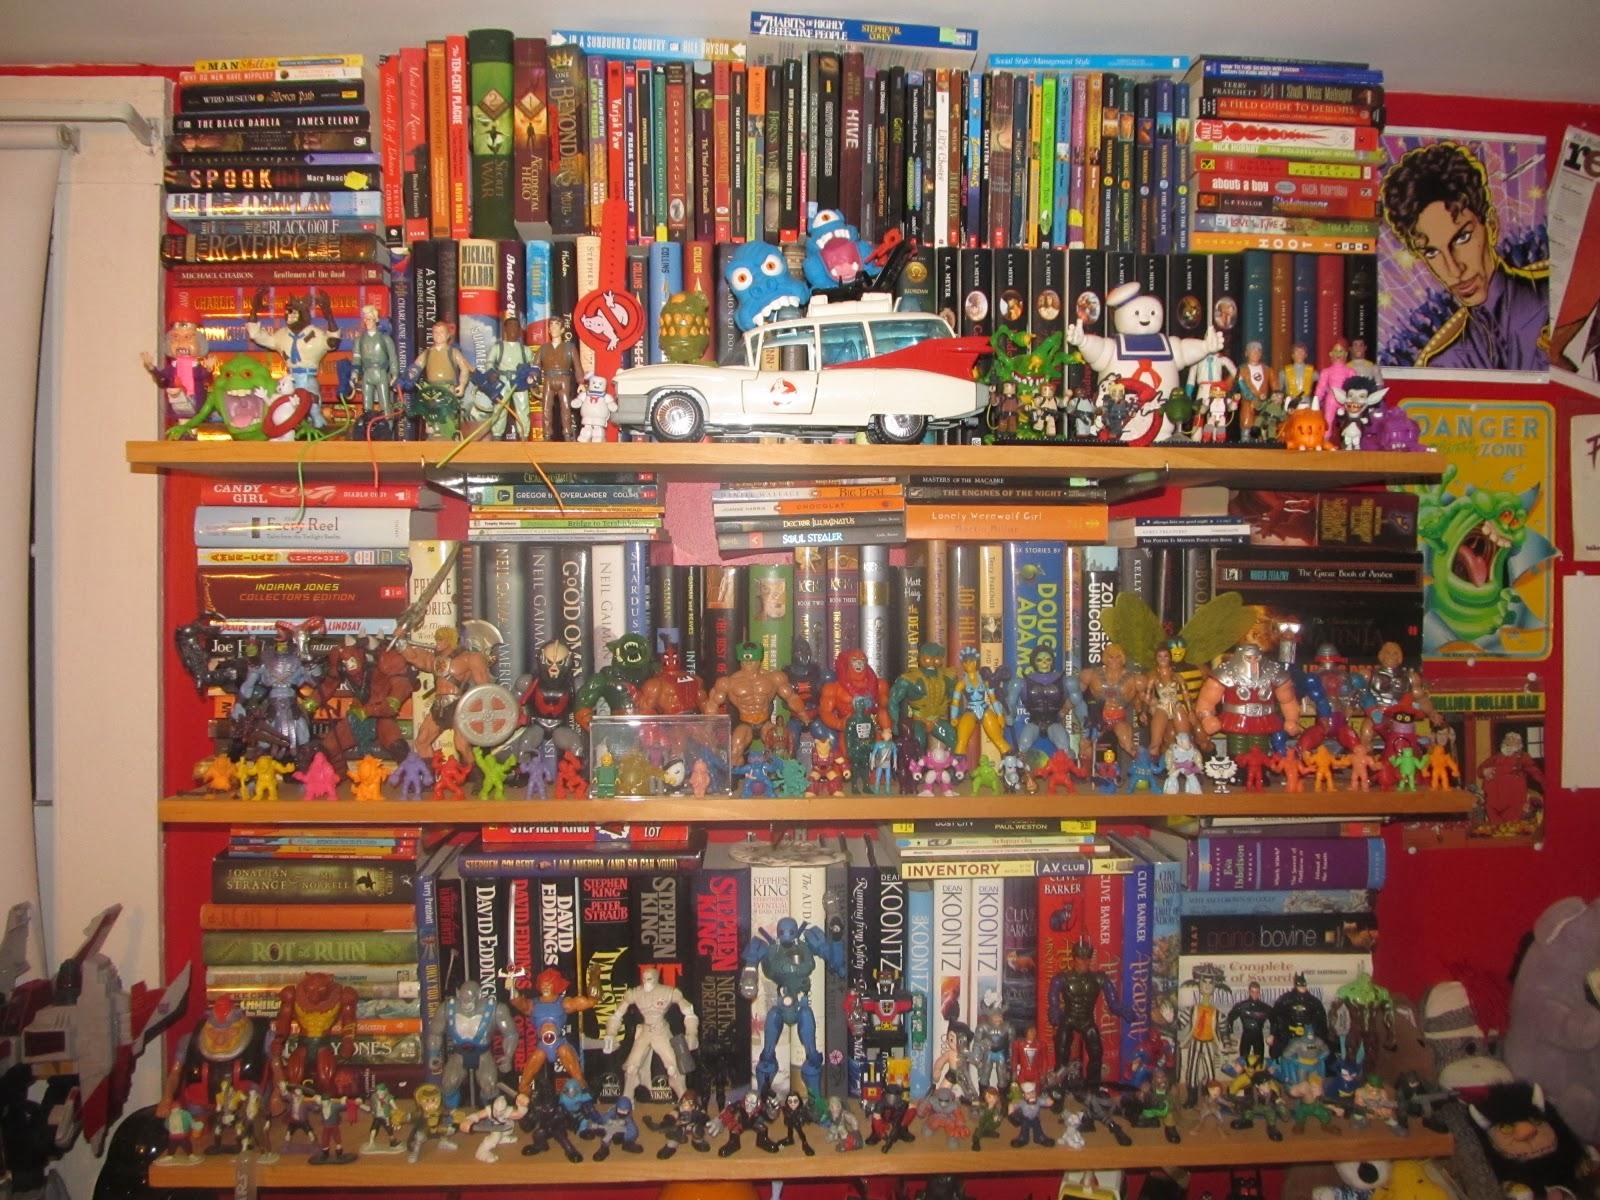 80 Toy Action Figure Shelves - IMG_4149_Wonderful 80 Toy Action Figure Shelves - IMG_4149  HD_335488.JPG